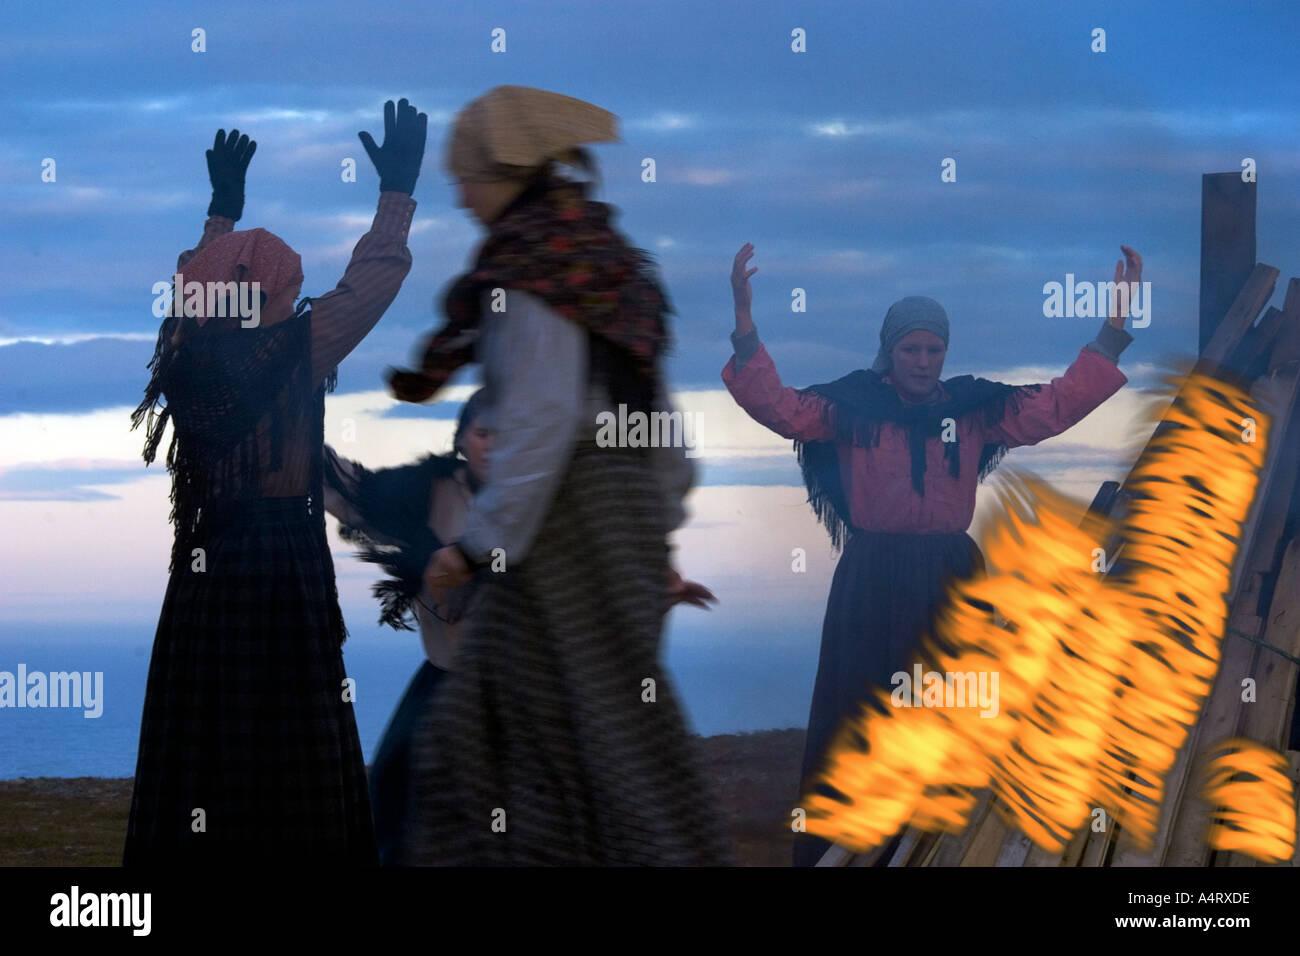 Ragazze di Vardö in Norvegia eseguire una strega danza per commemorare le donne che sono state bruciate in 1800Ths Immagini Stock